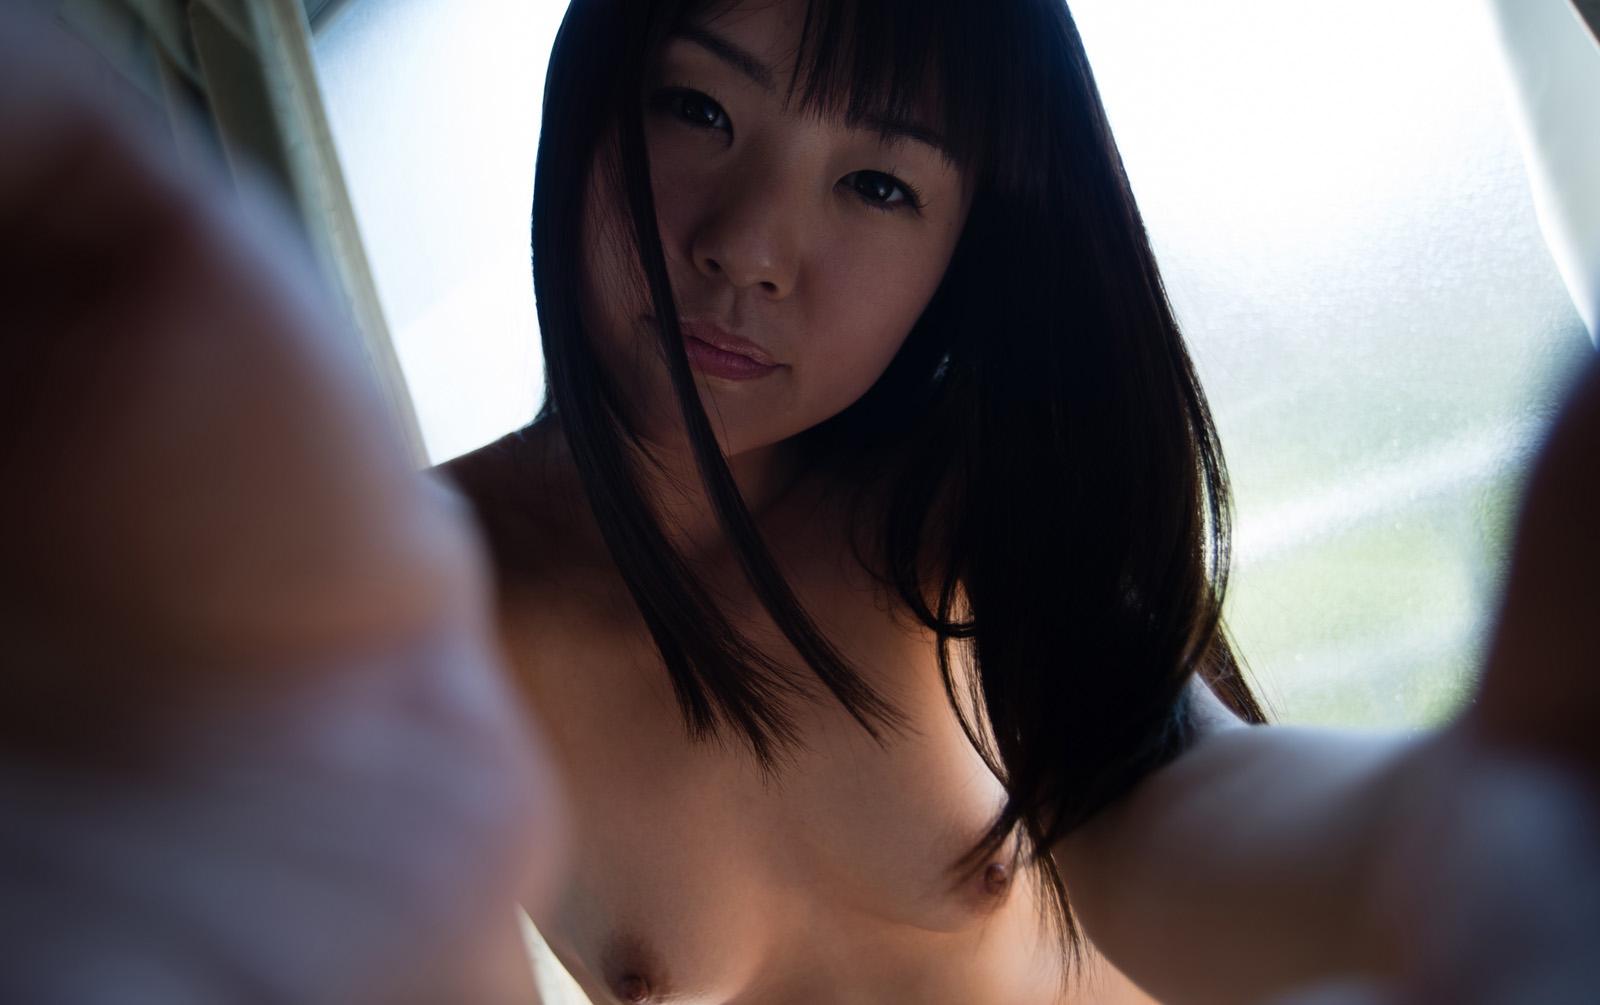 つぼみ 画像 80